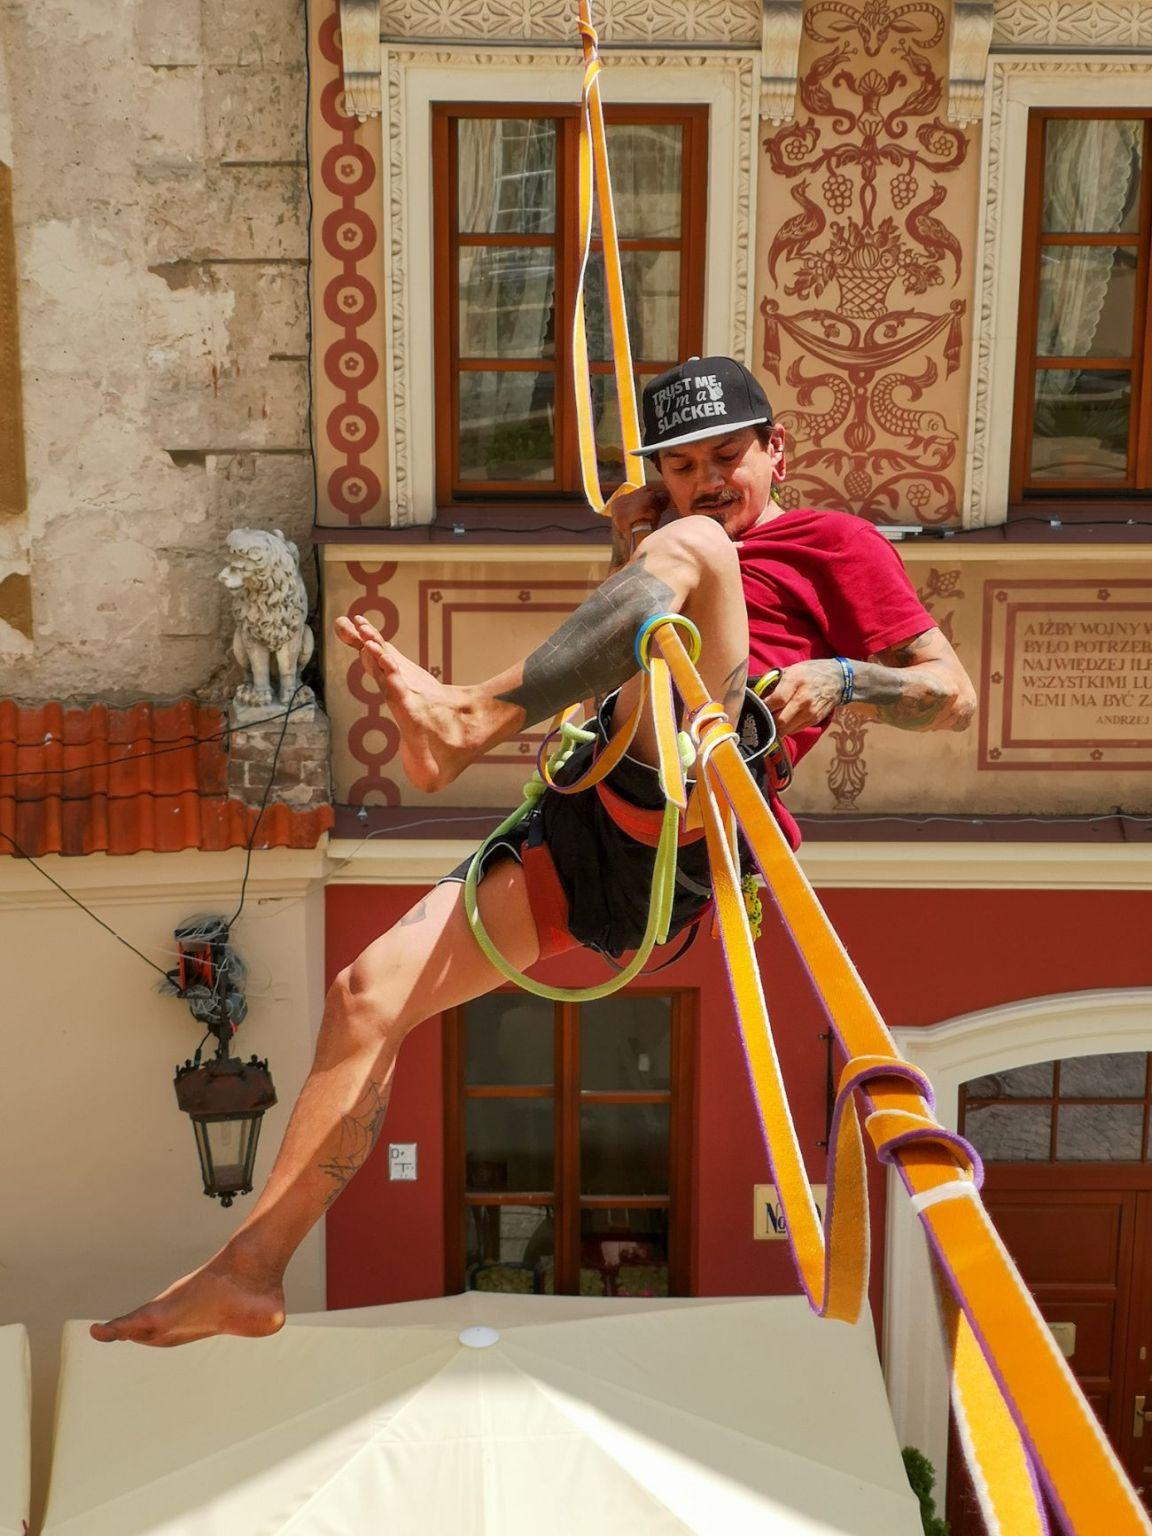 carnaval sztukmistrzów lublin highline